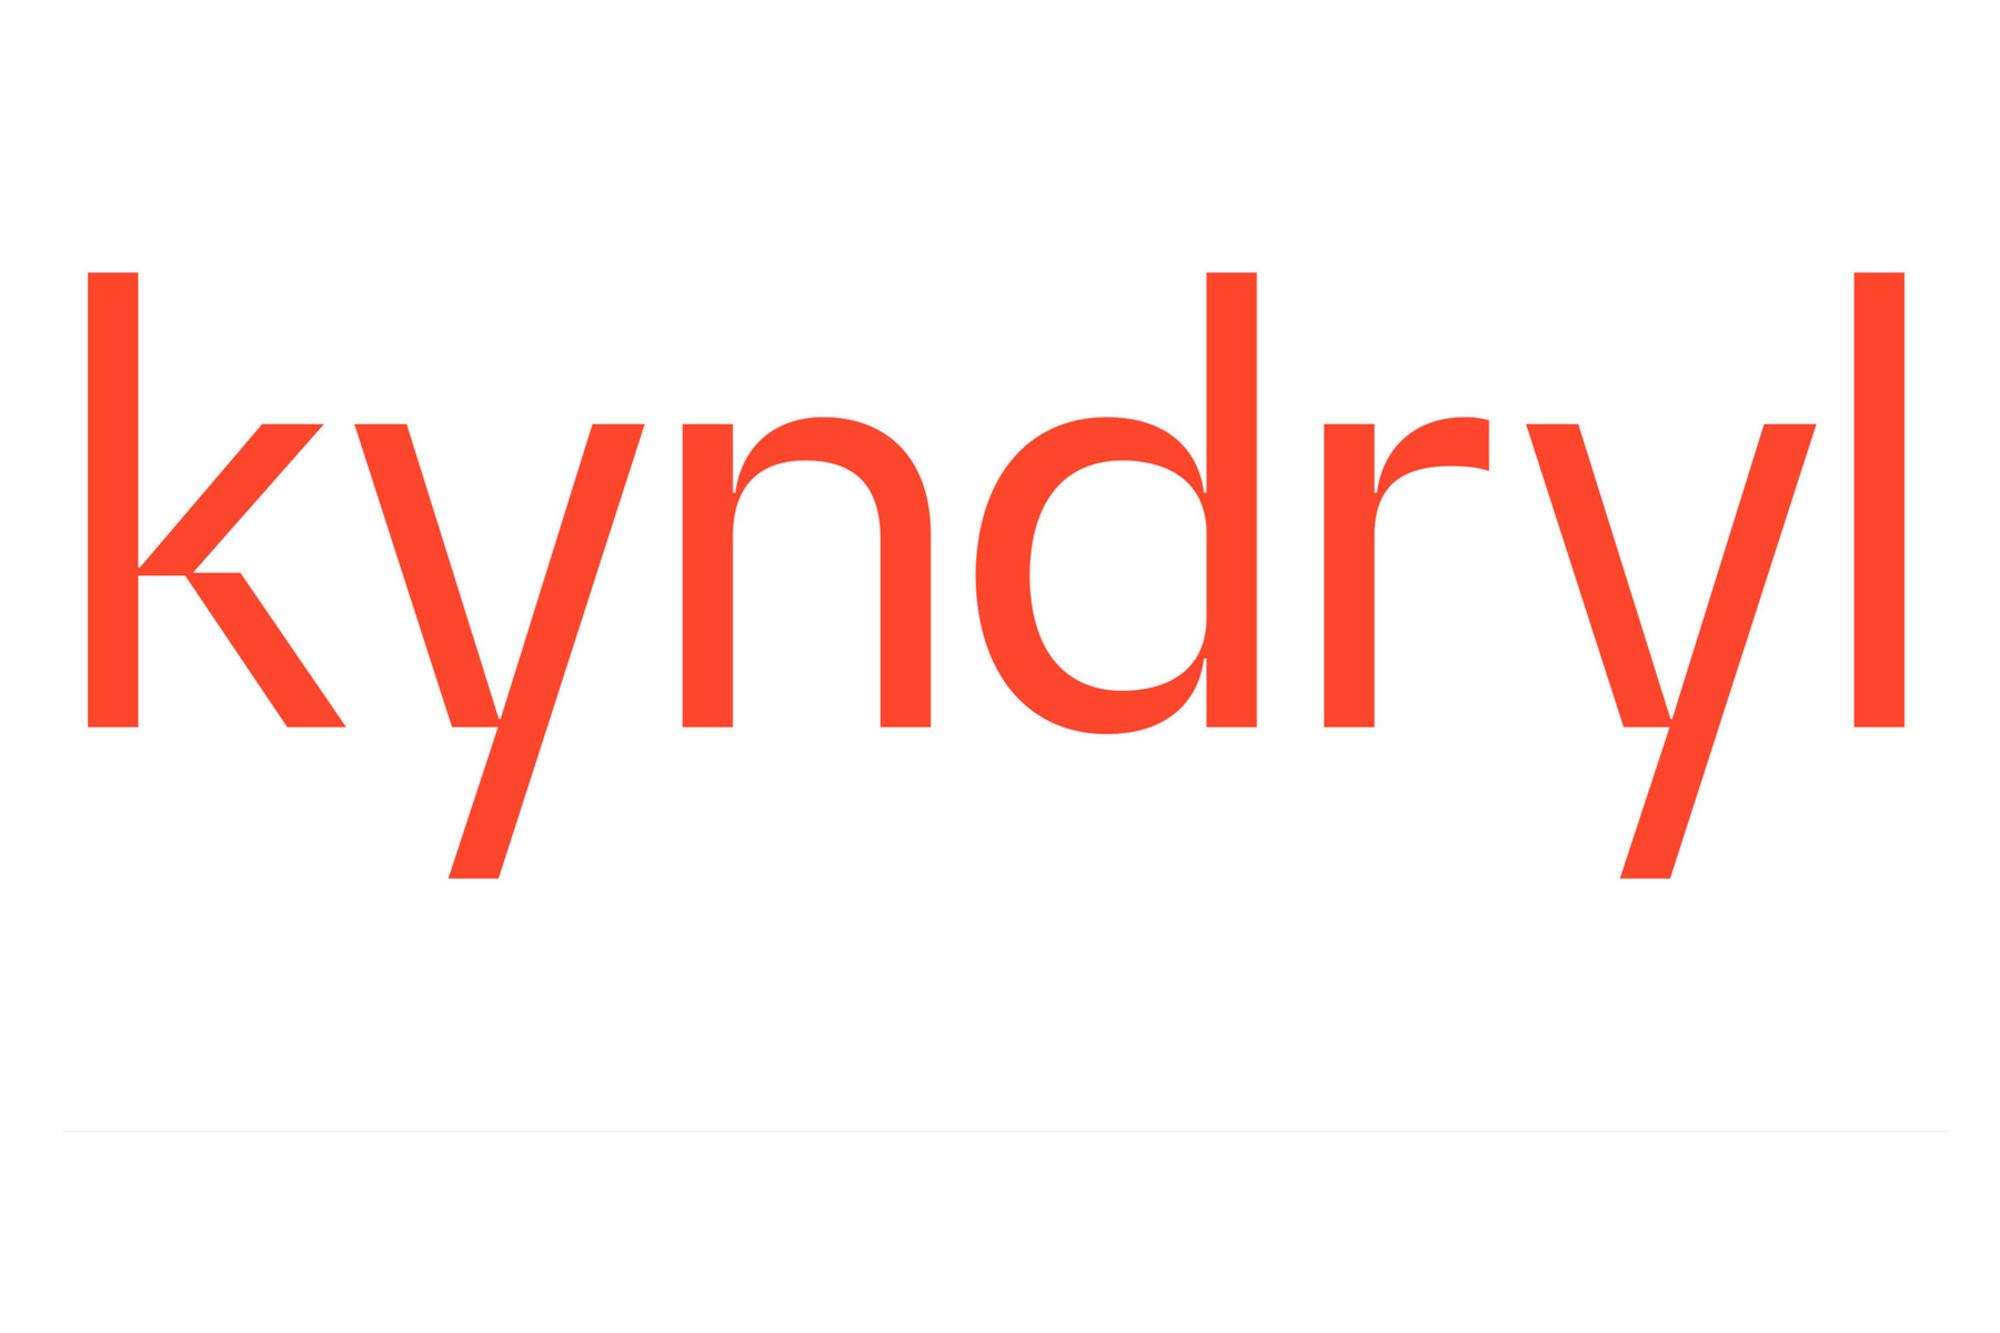 IBM/Kyndryl